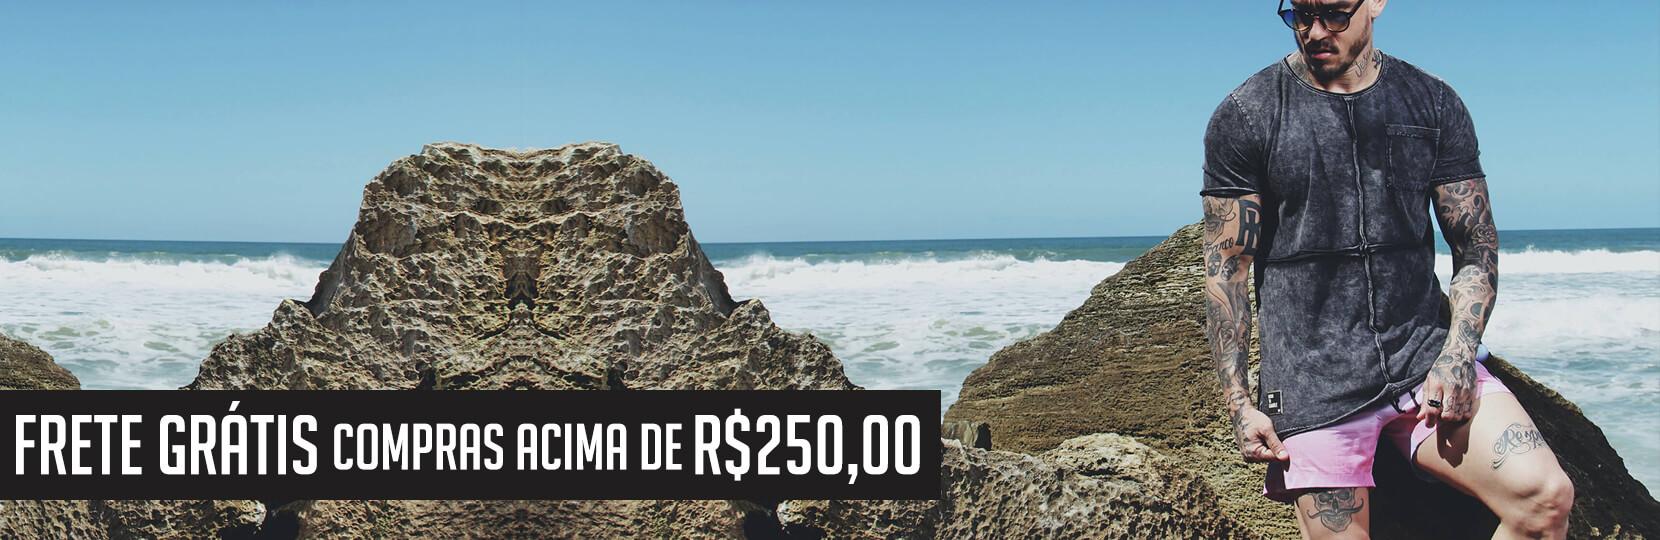 Frete grátis acima de R$250,00